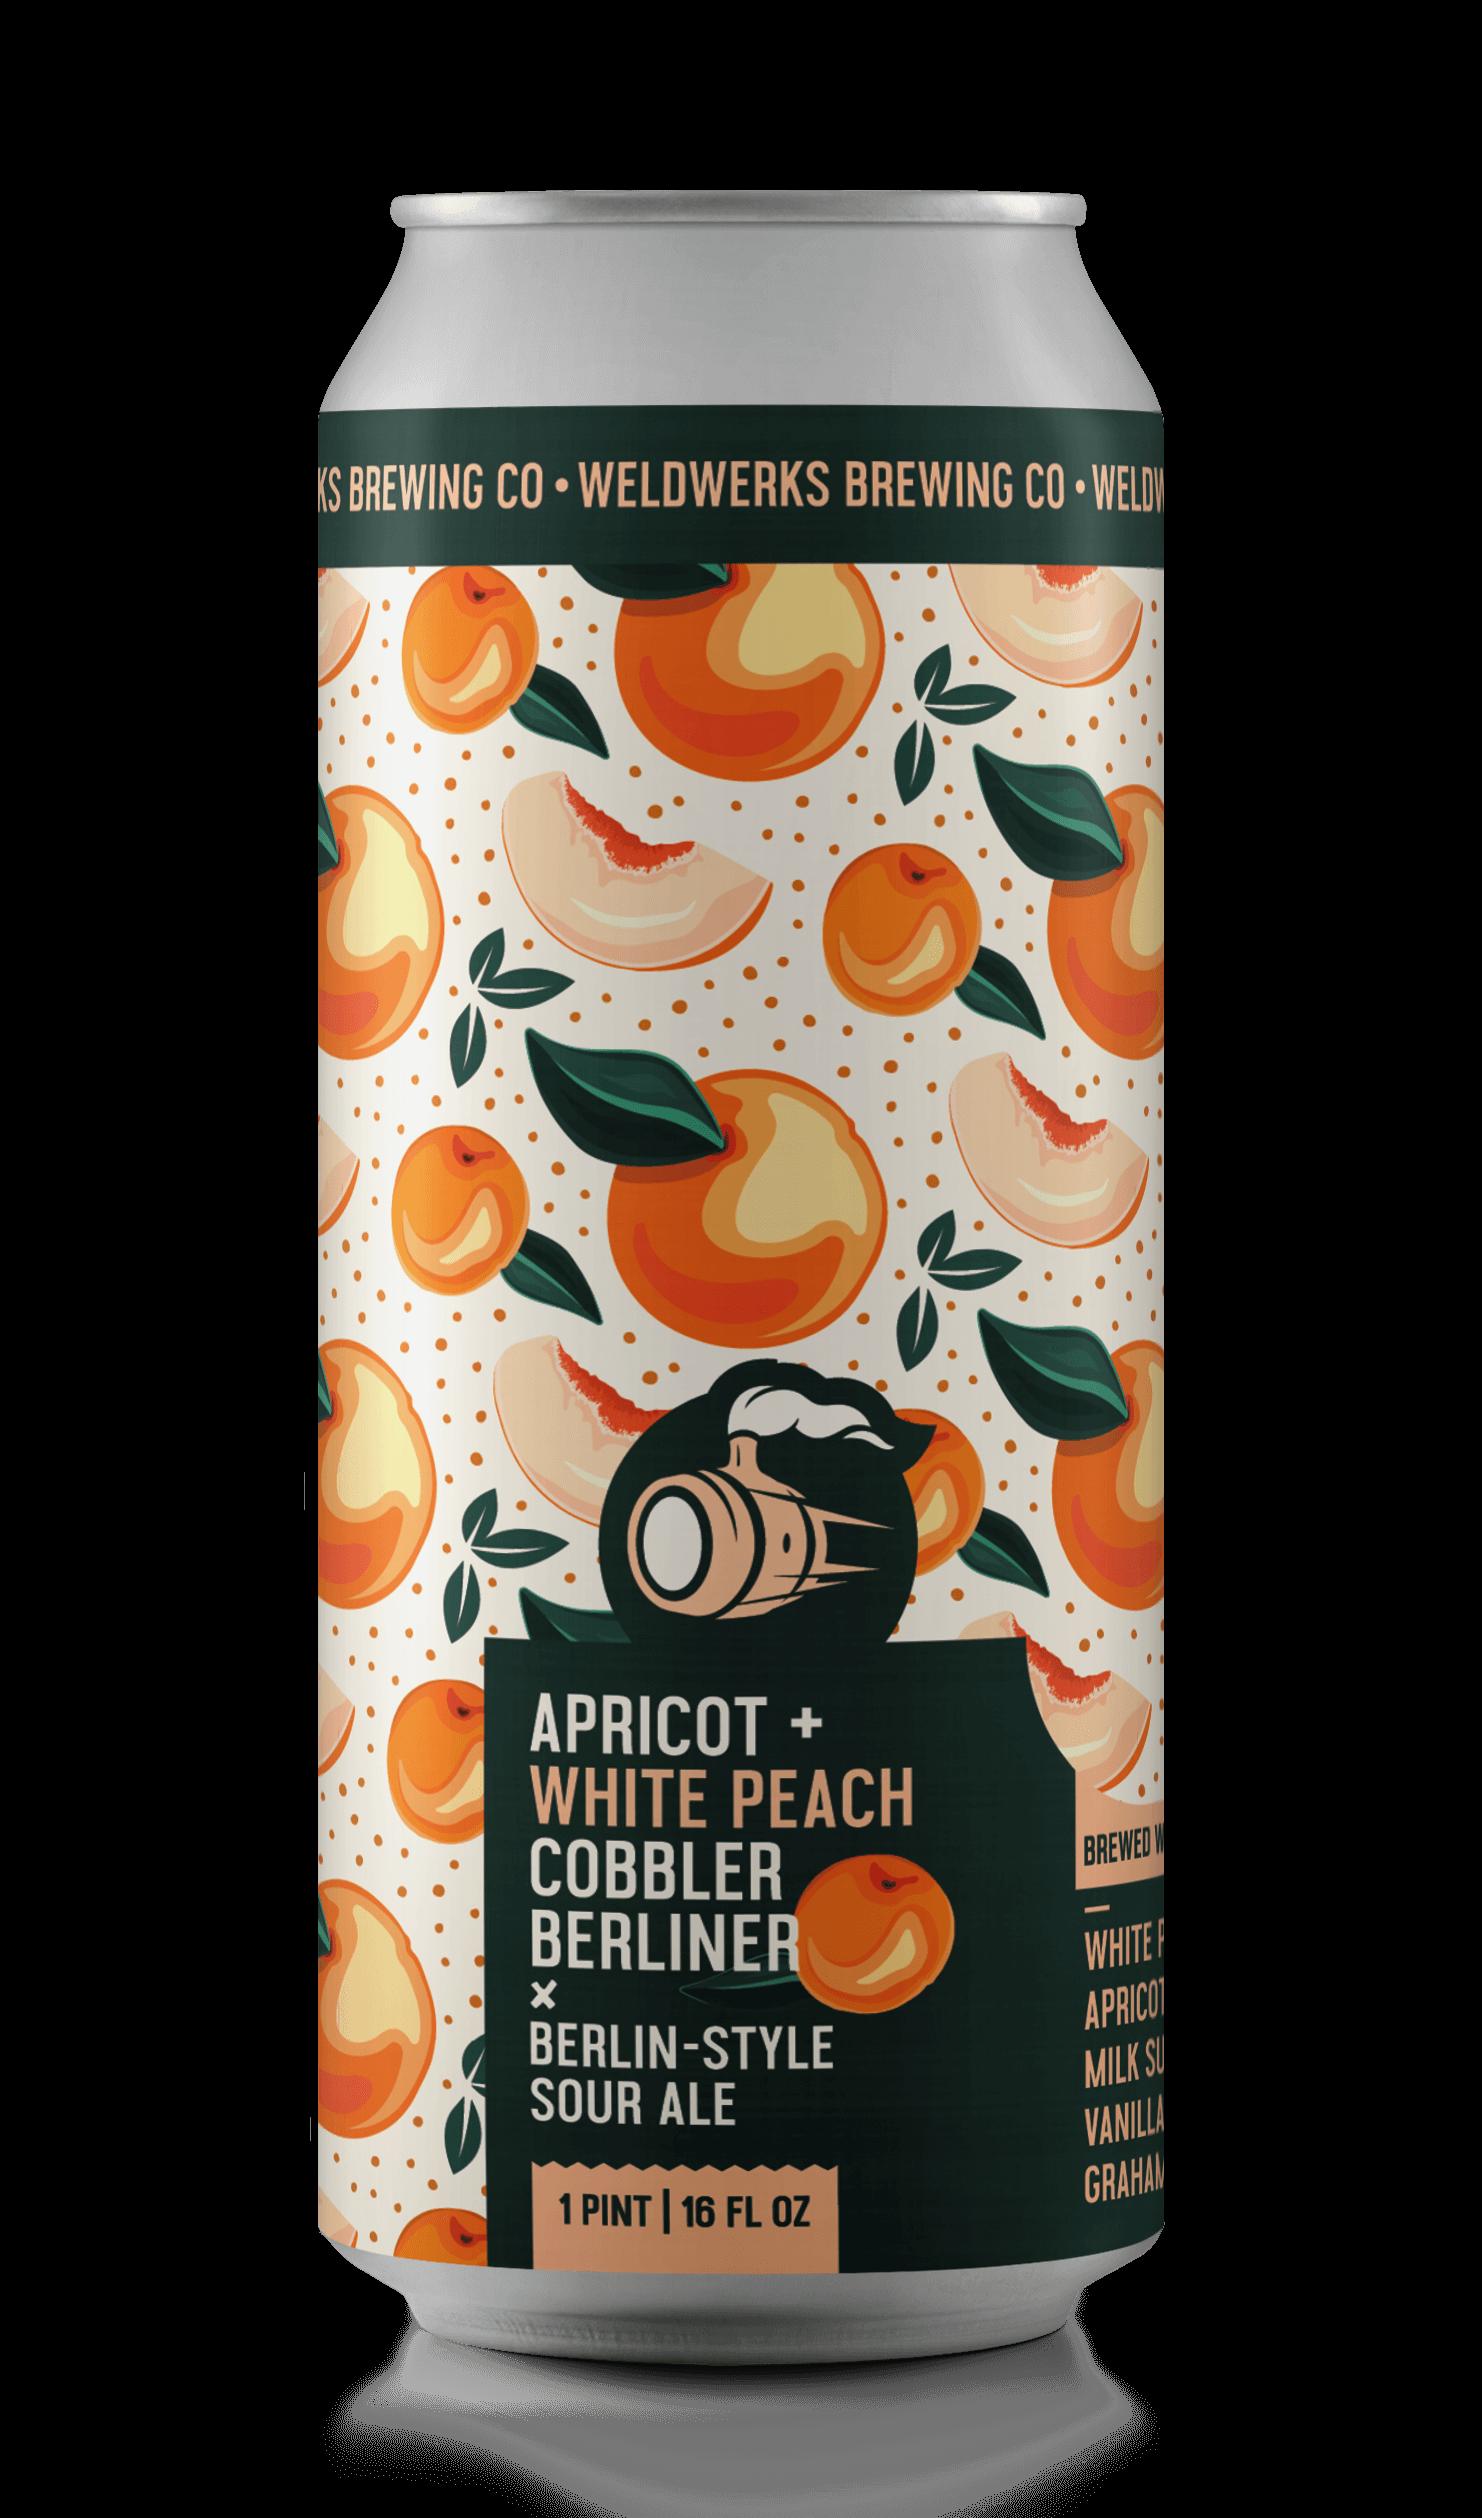 Apricot + White Peach Cobbler